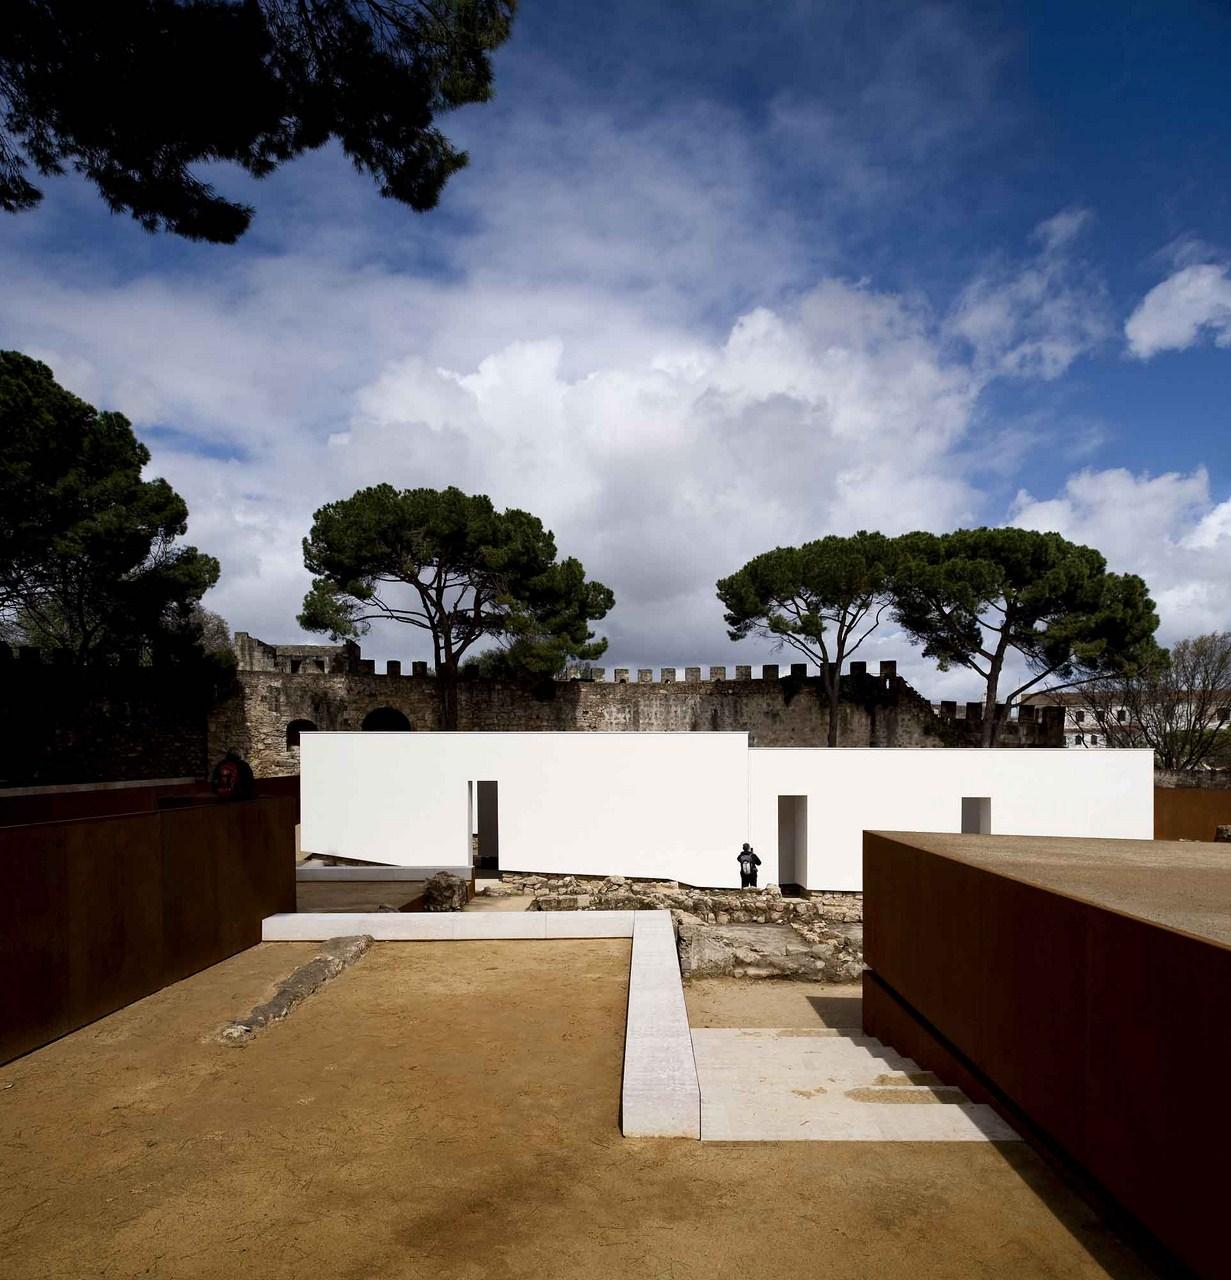 Musealização da Área Arqueológica da Praça Nova do Castelo de S. Jorge / Carrilho da Graça Arquitectos, © FG+SG – Fernando Guerra, Sergio Guerra